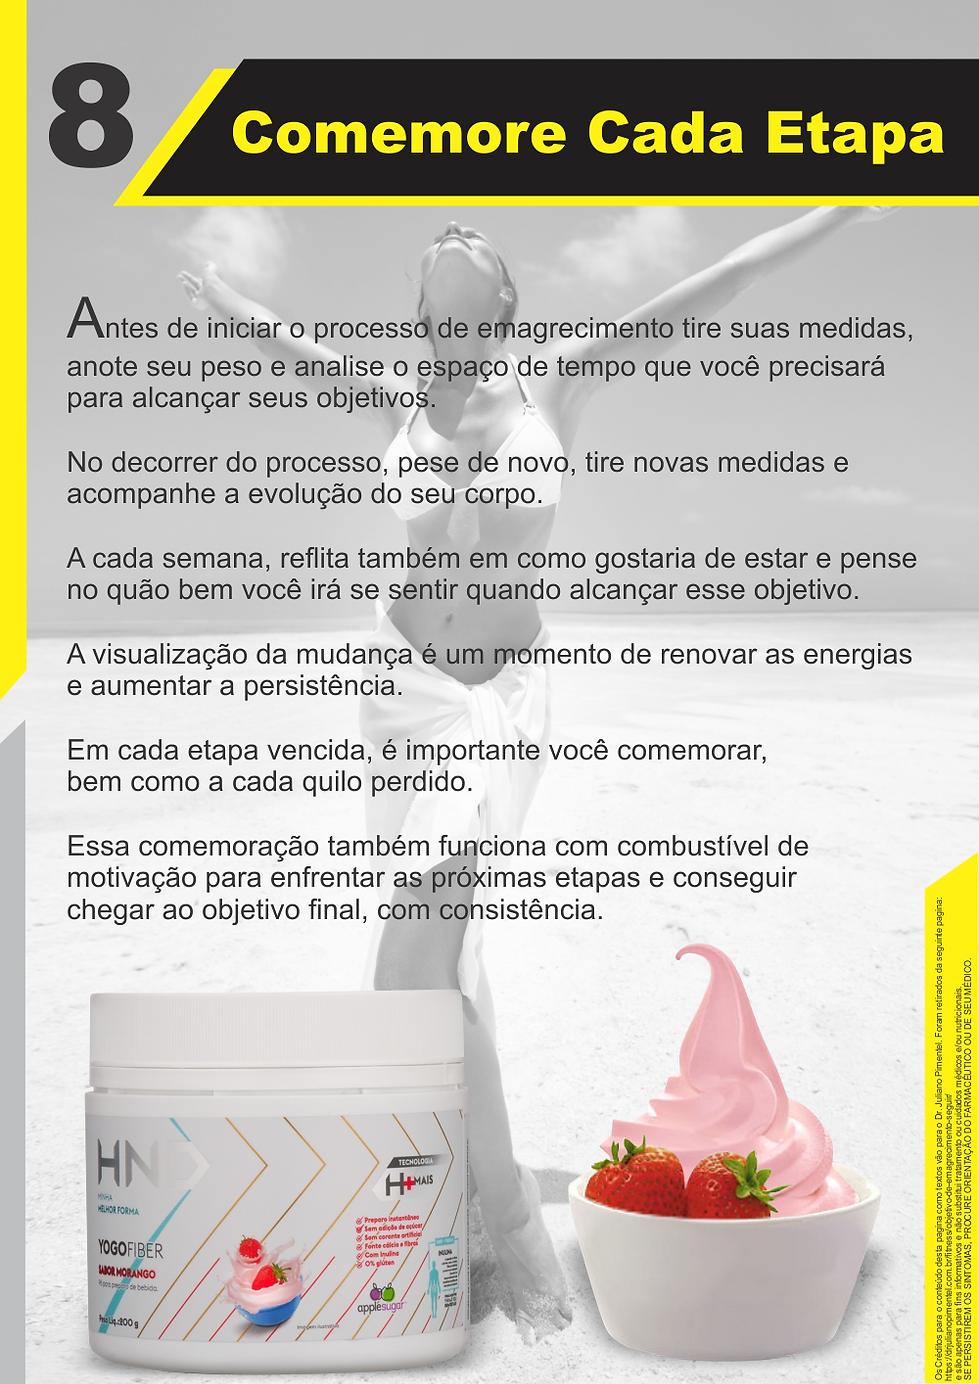 saude_e_controle_de_peso_06.png